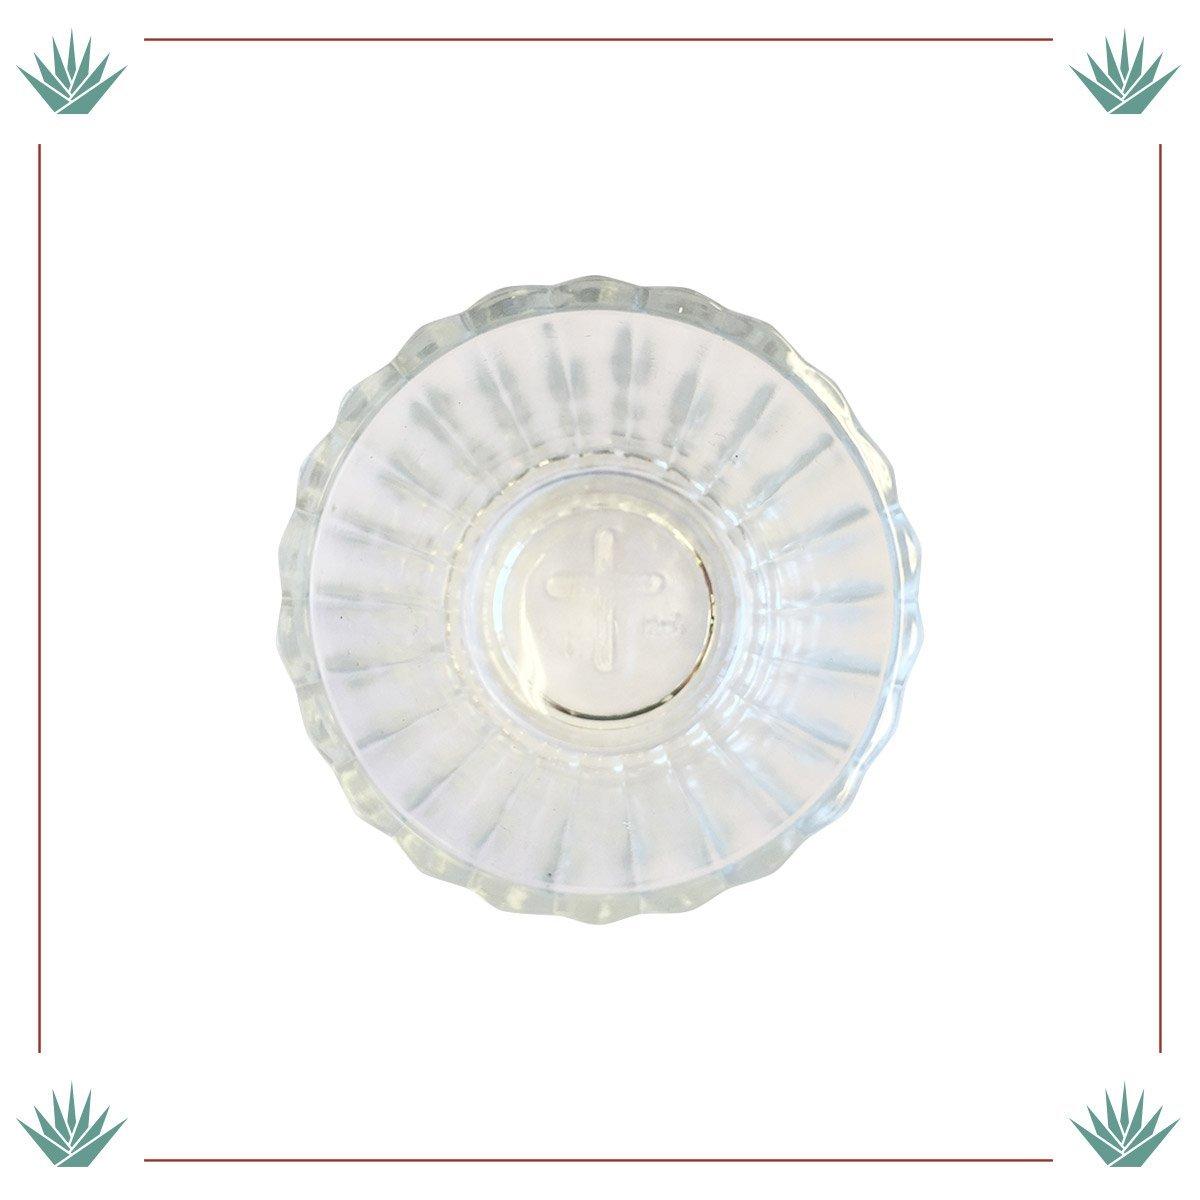 Juego de 4 Platos de Cristal y Copas Tradicionales Casa Agave Vaso Veladora